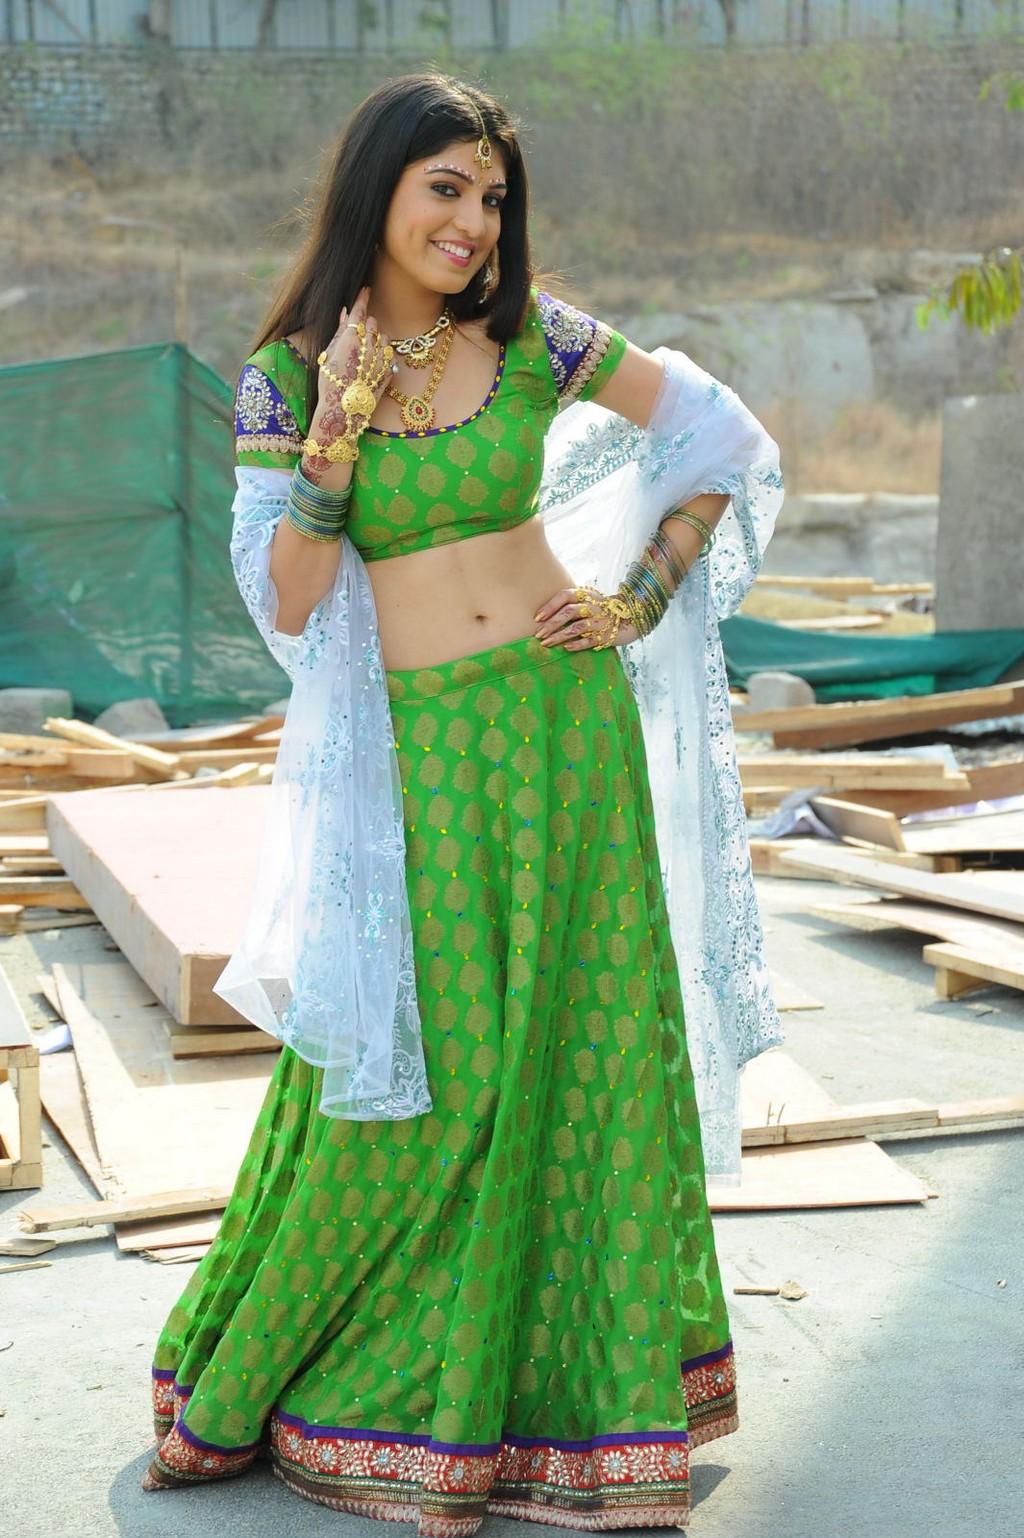 Actress sexy hd images: Riya sen sexy hd images